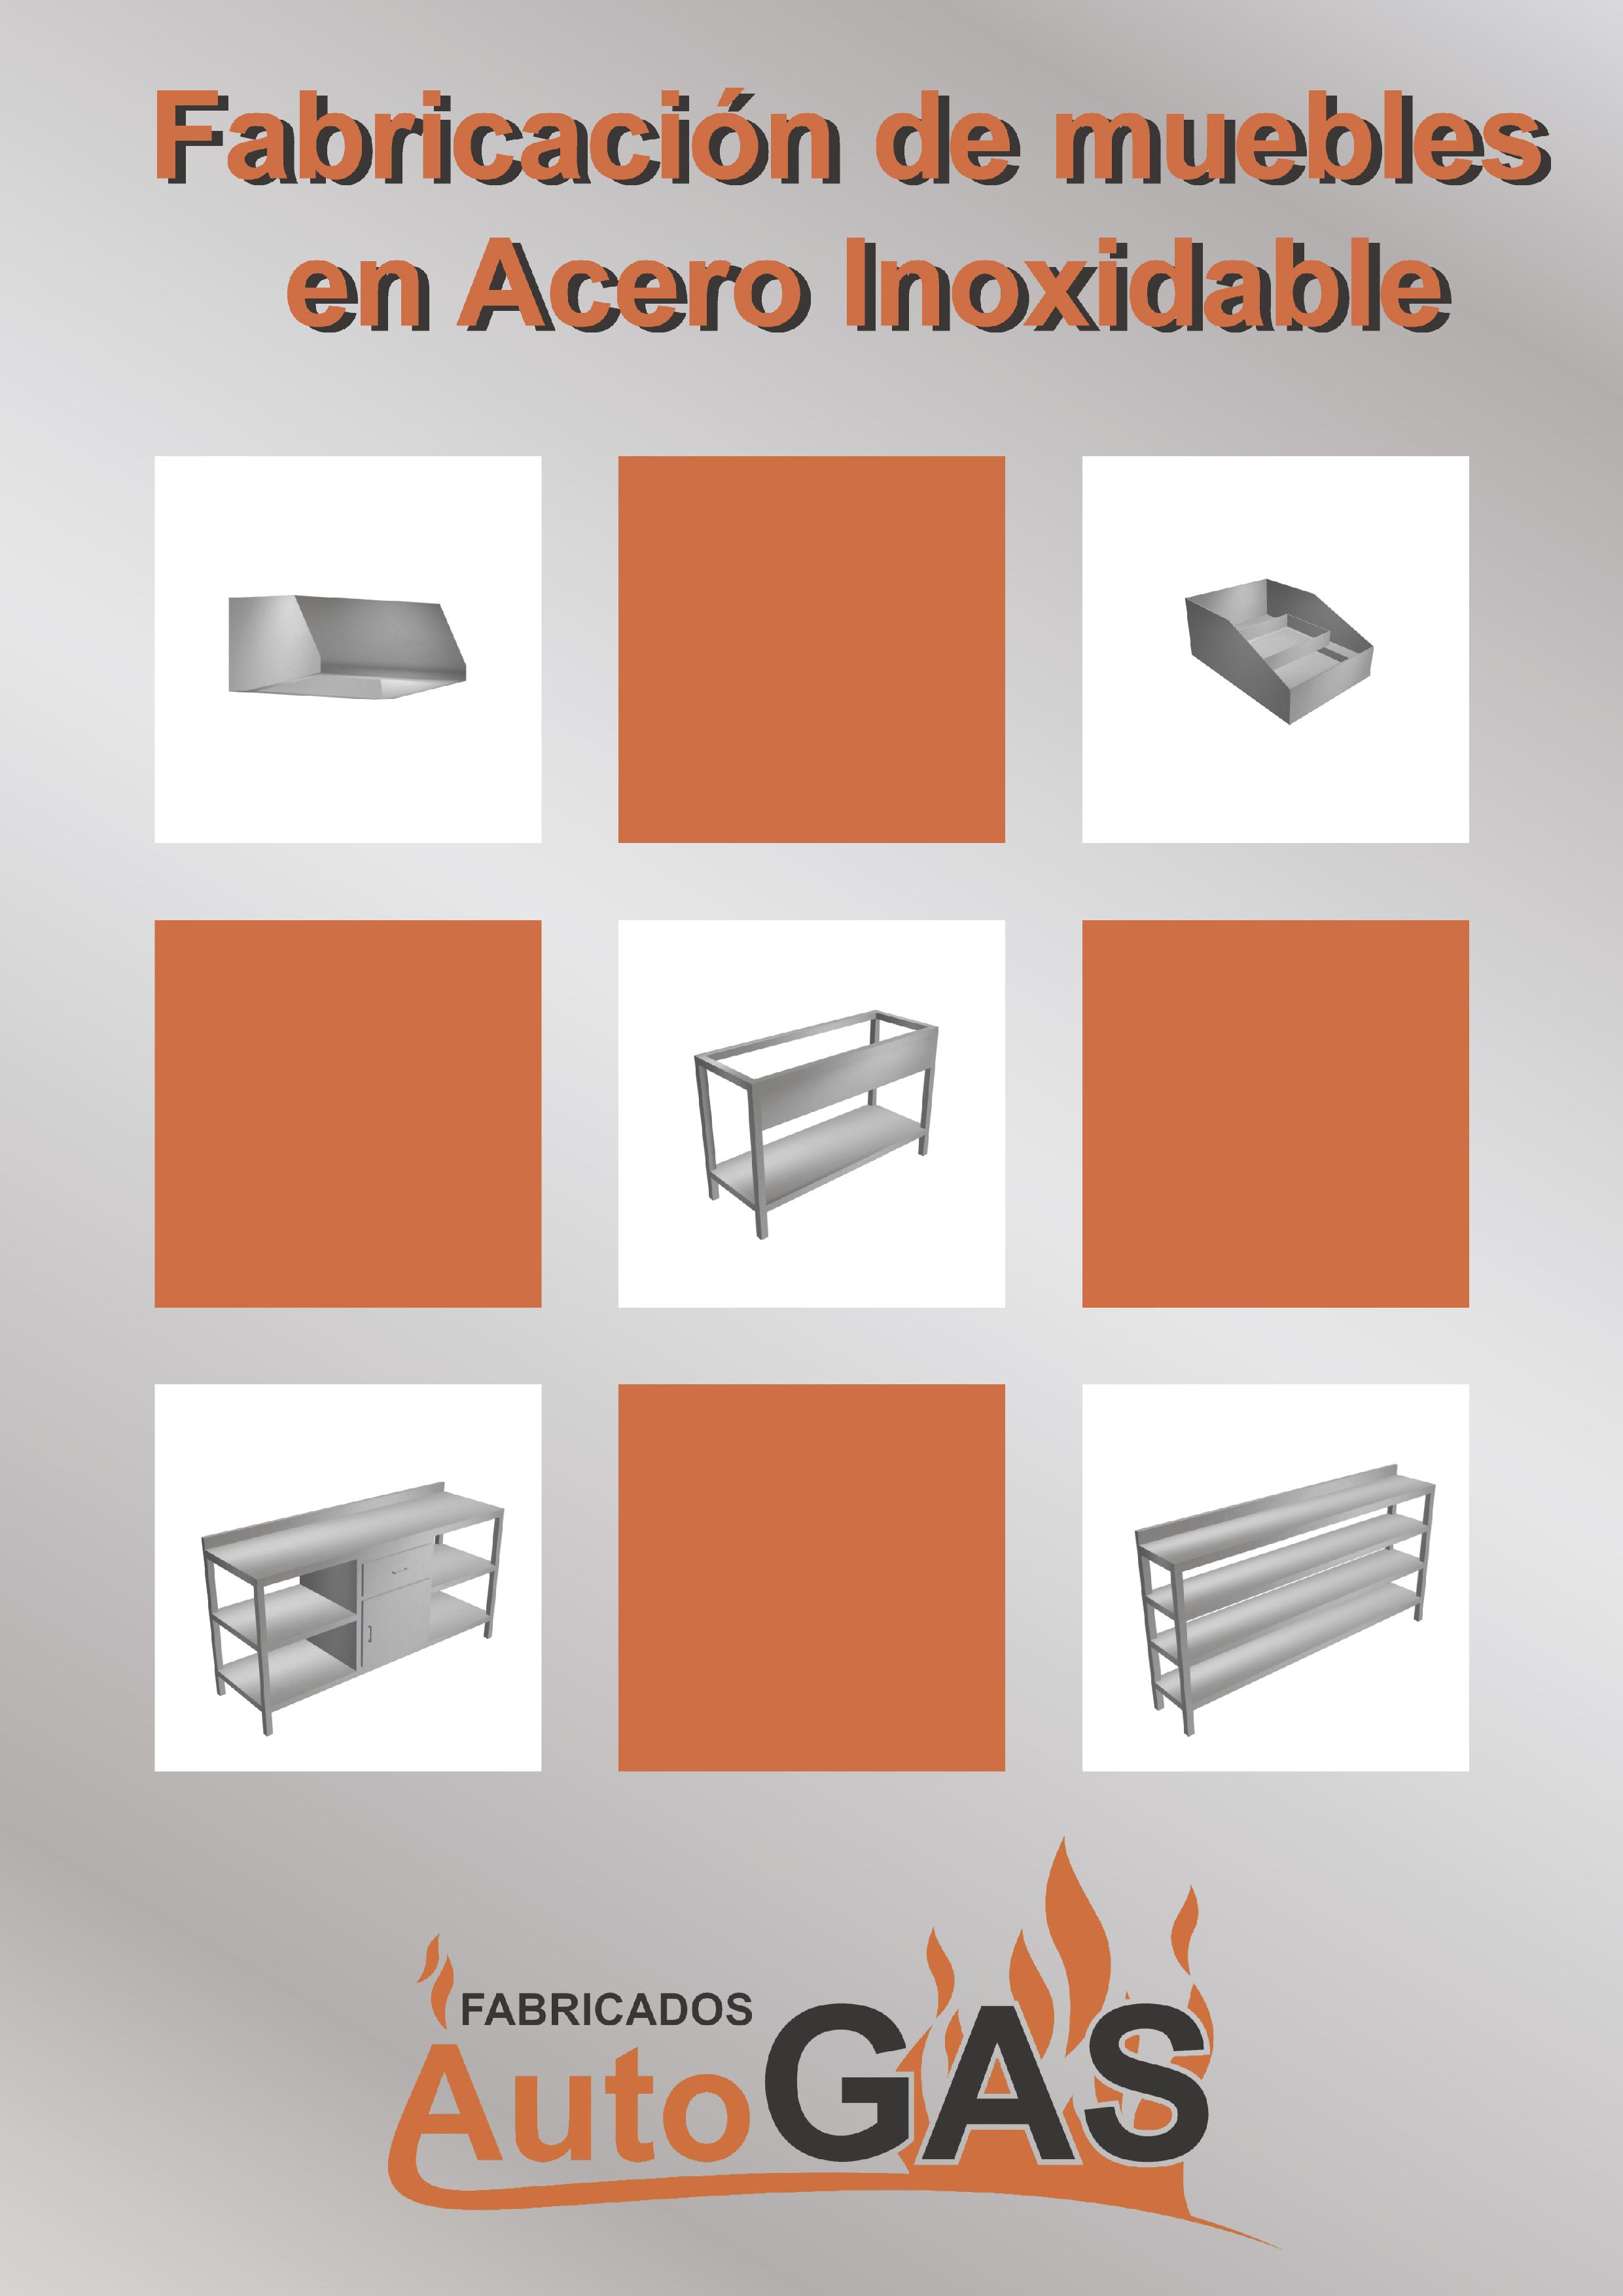 Tarifa Muebles de Acero Inoxidable - sin precios_Página_01